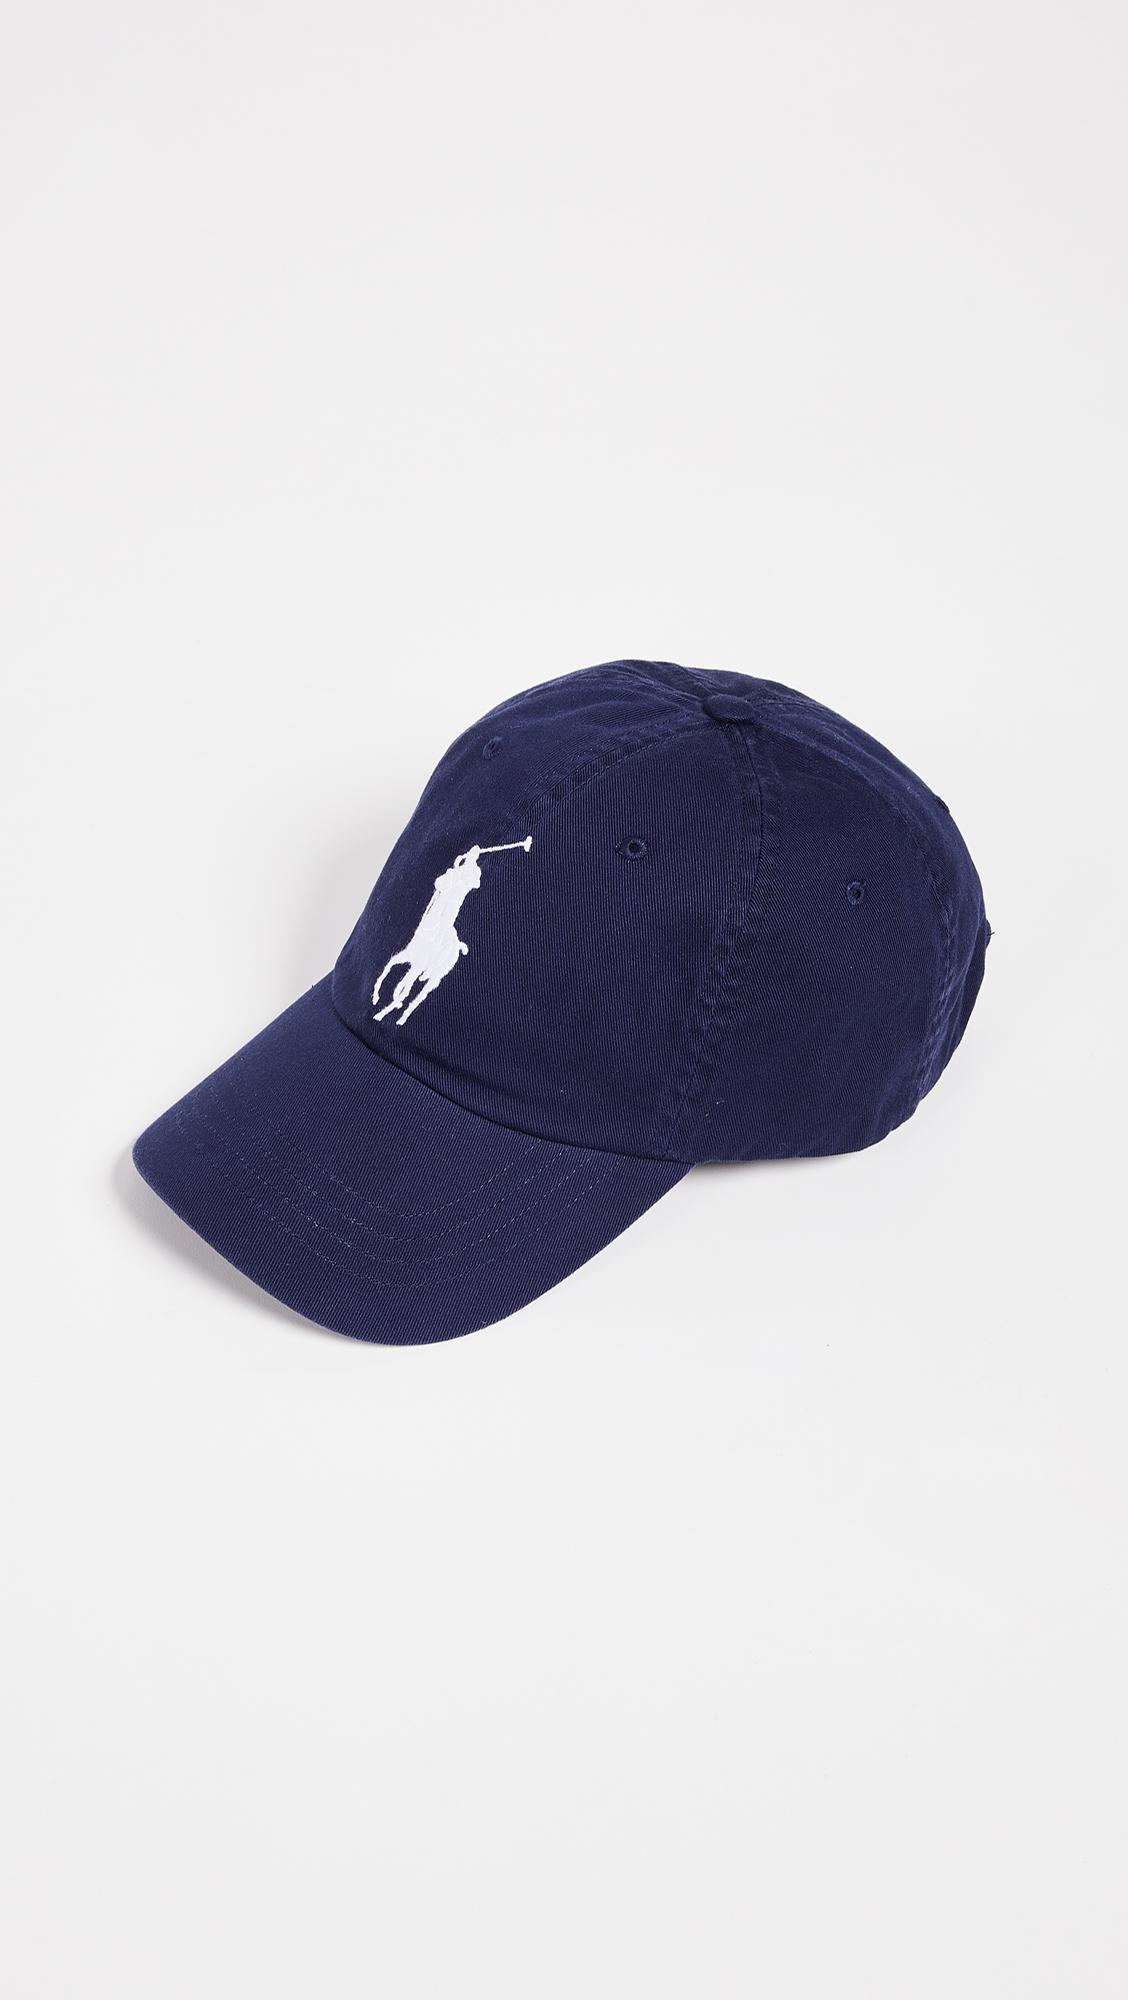 5d0d4d38fe94ec Polo Ralph Lauren - Blue Big Pony Cap for Men - Lyst. View fullscreen